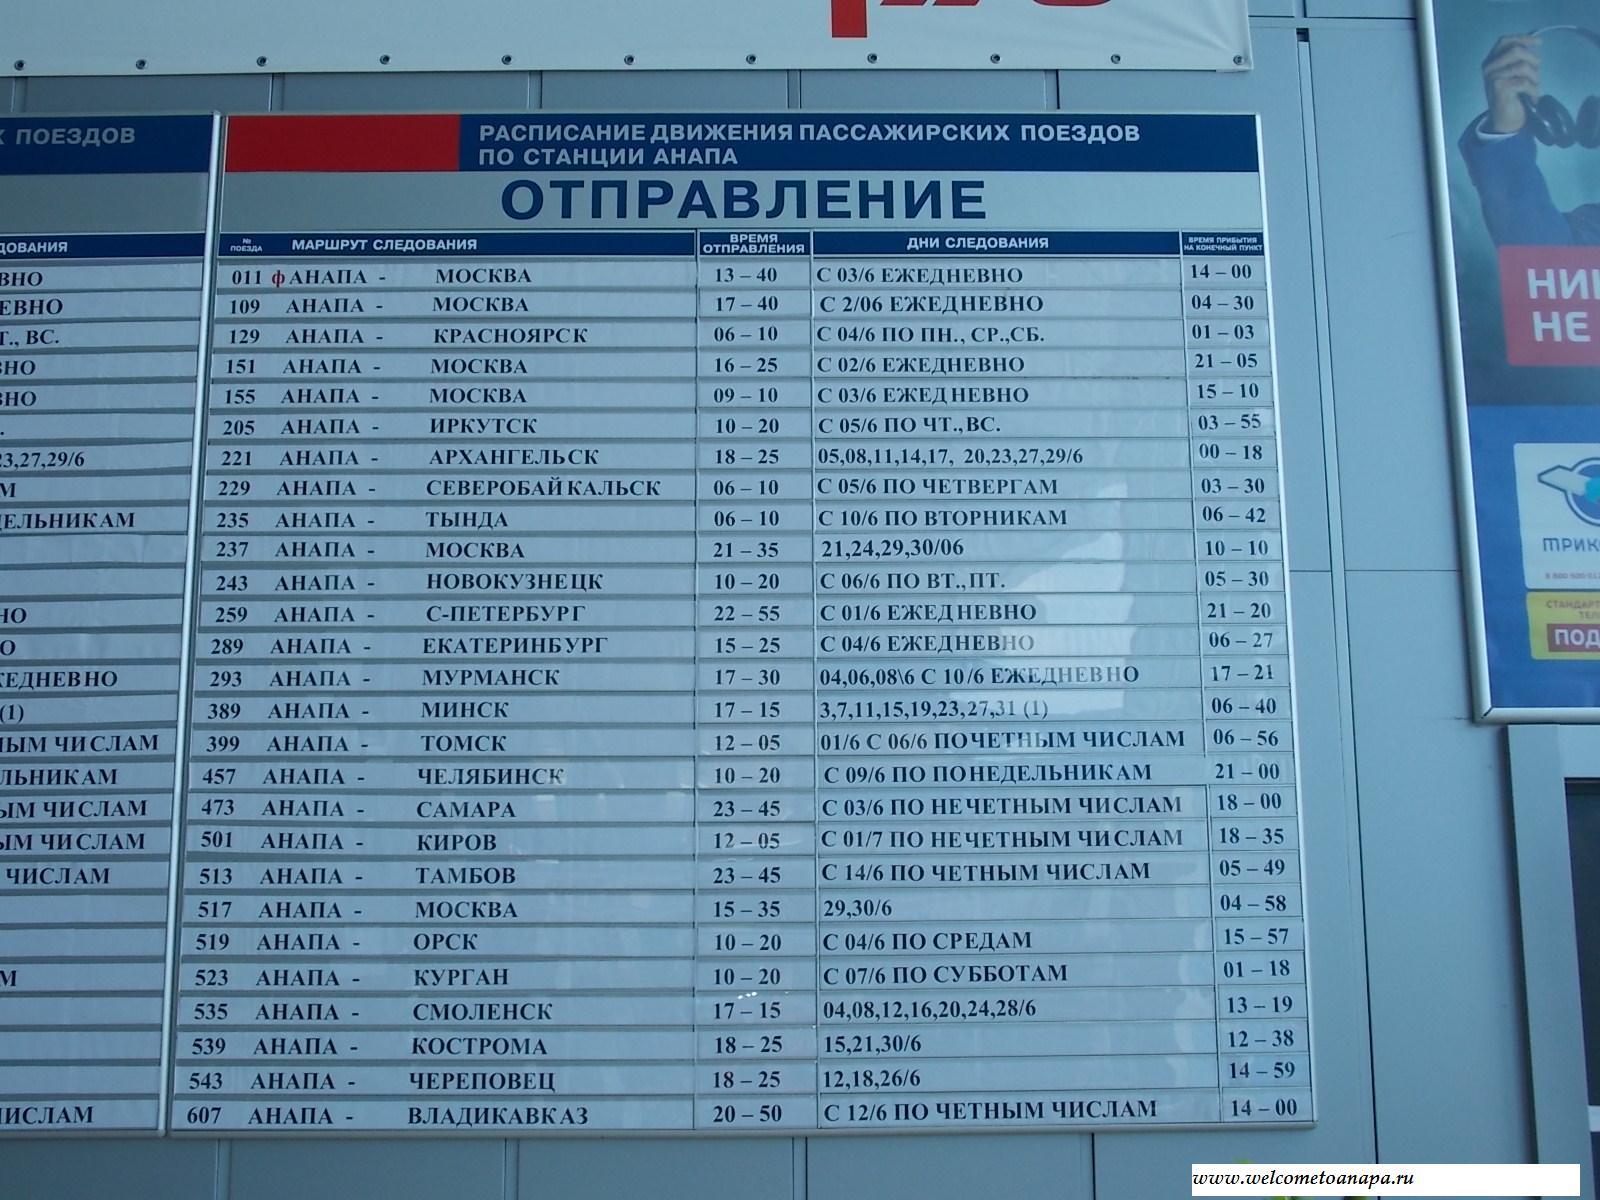 http://www.welcometoanapa.ru/f/images/2012-2013/dscn2963.jpg